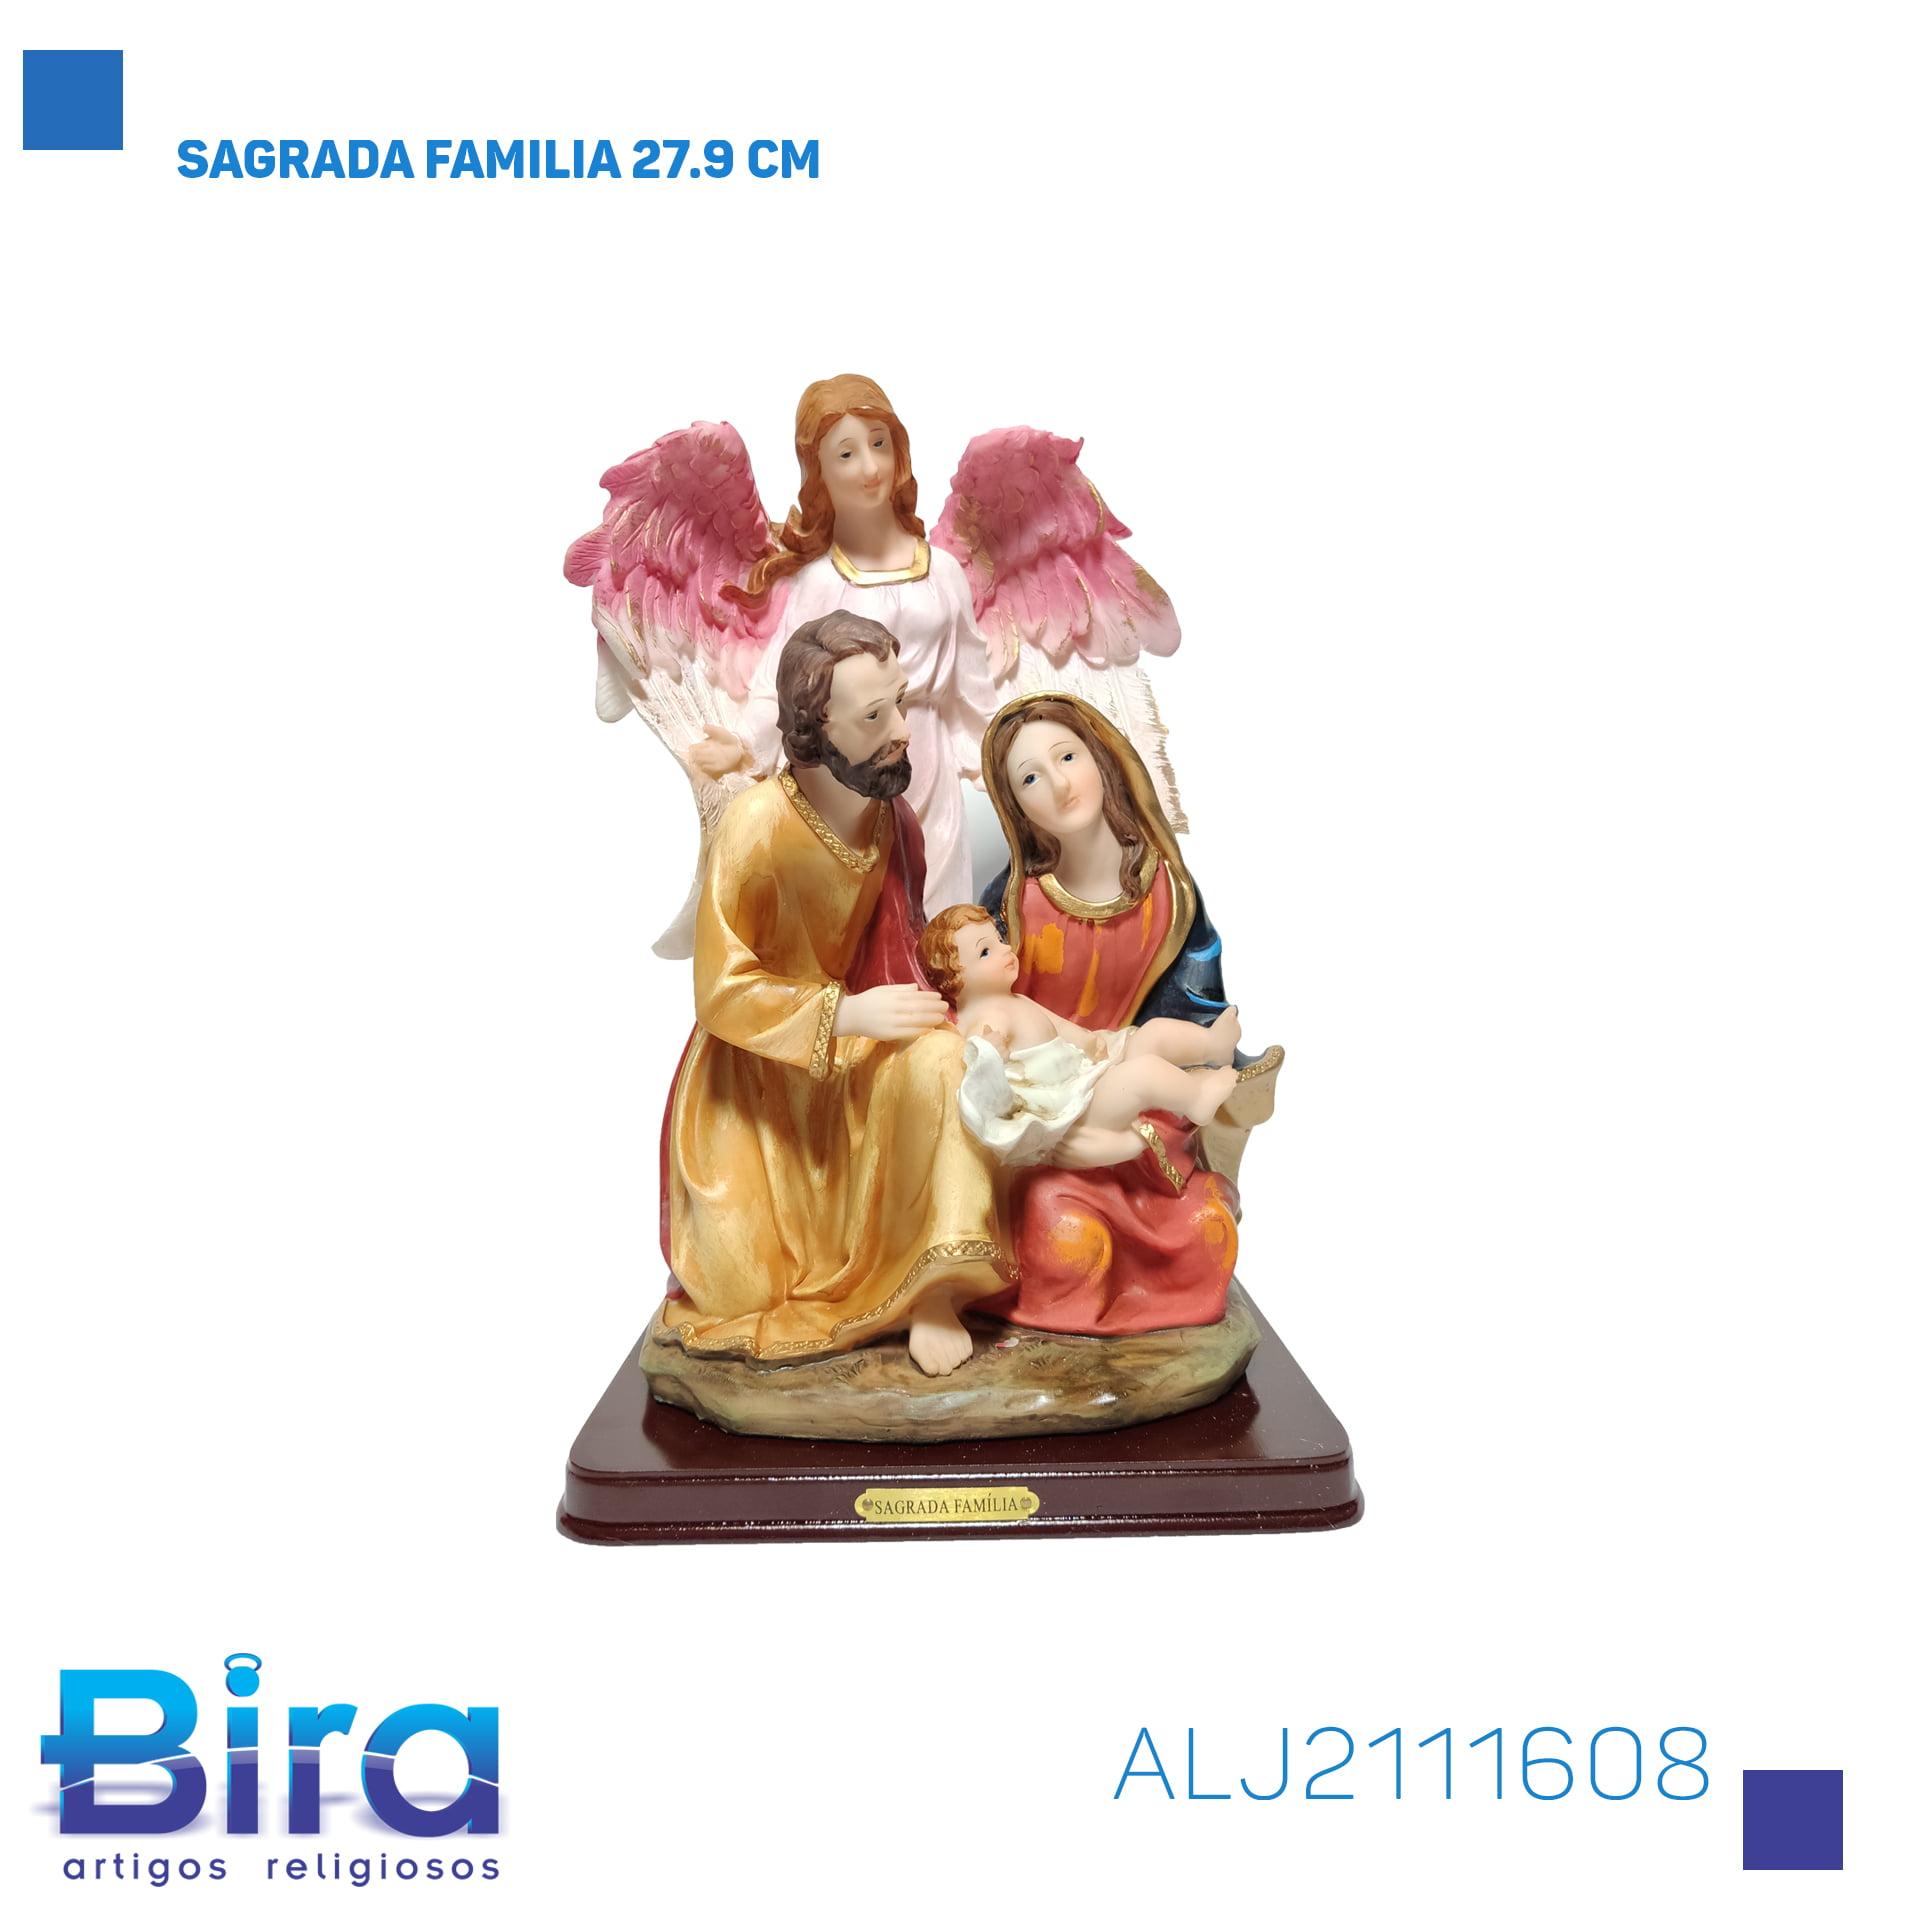 Bira Artigos Religiosos - SAGRADA FAMILIA 27.9 CM Cód. ALJ2111608